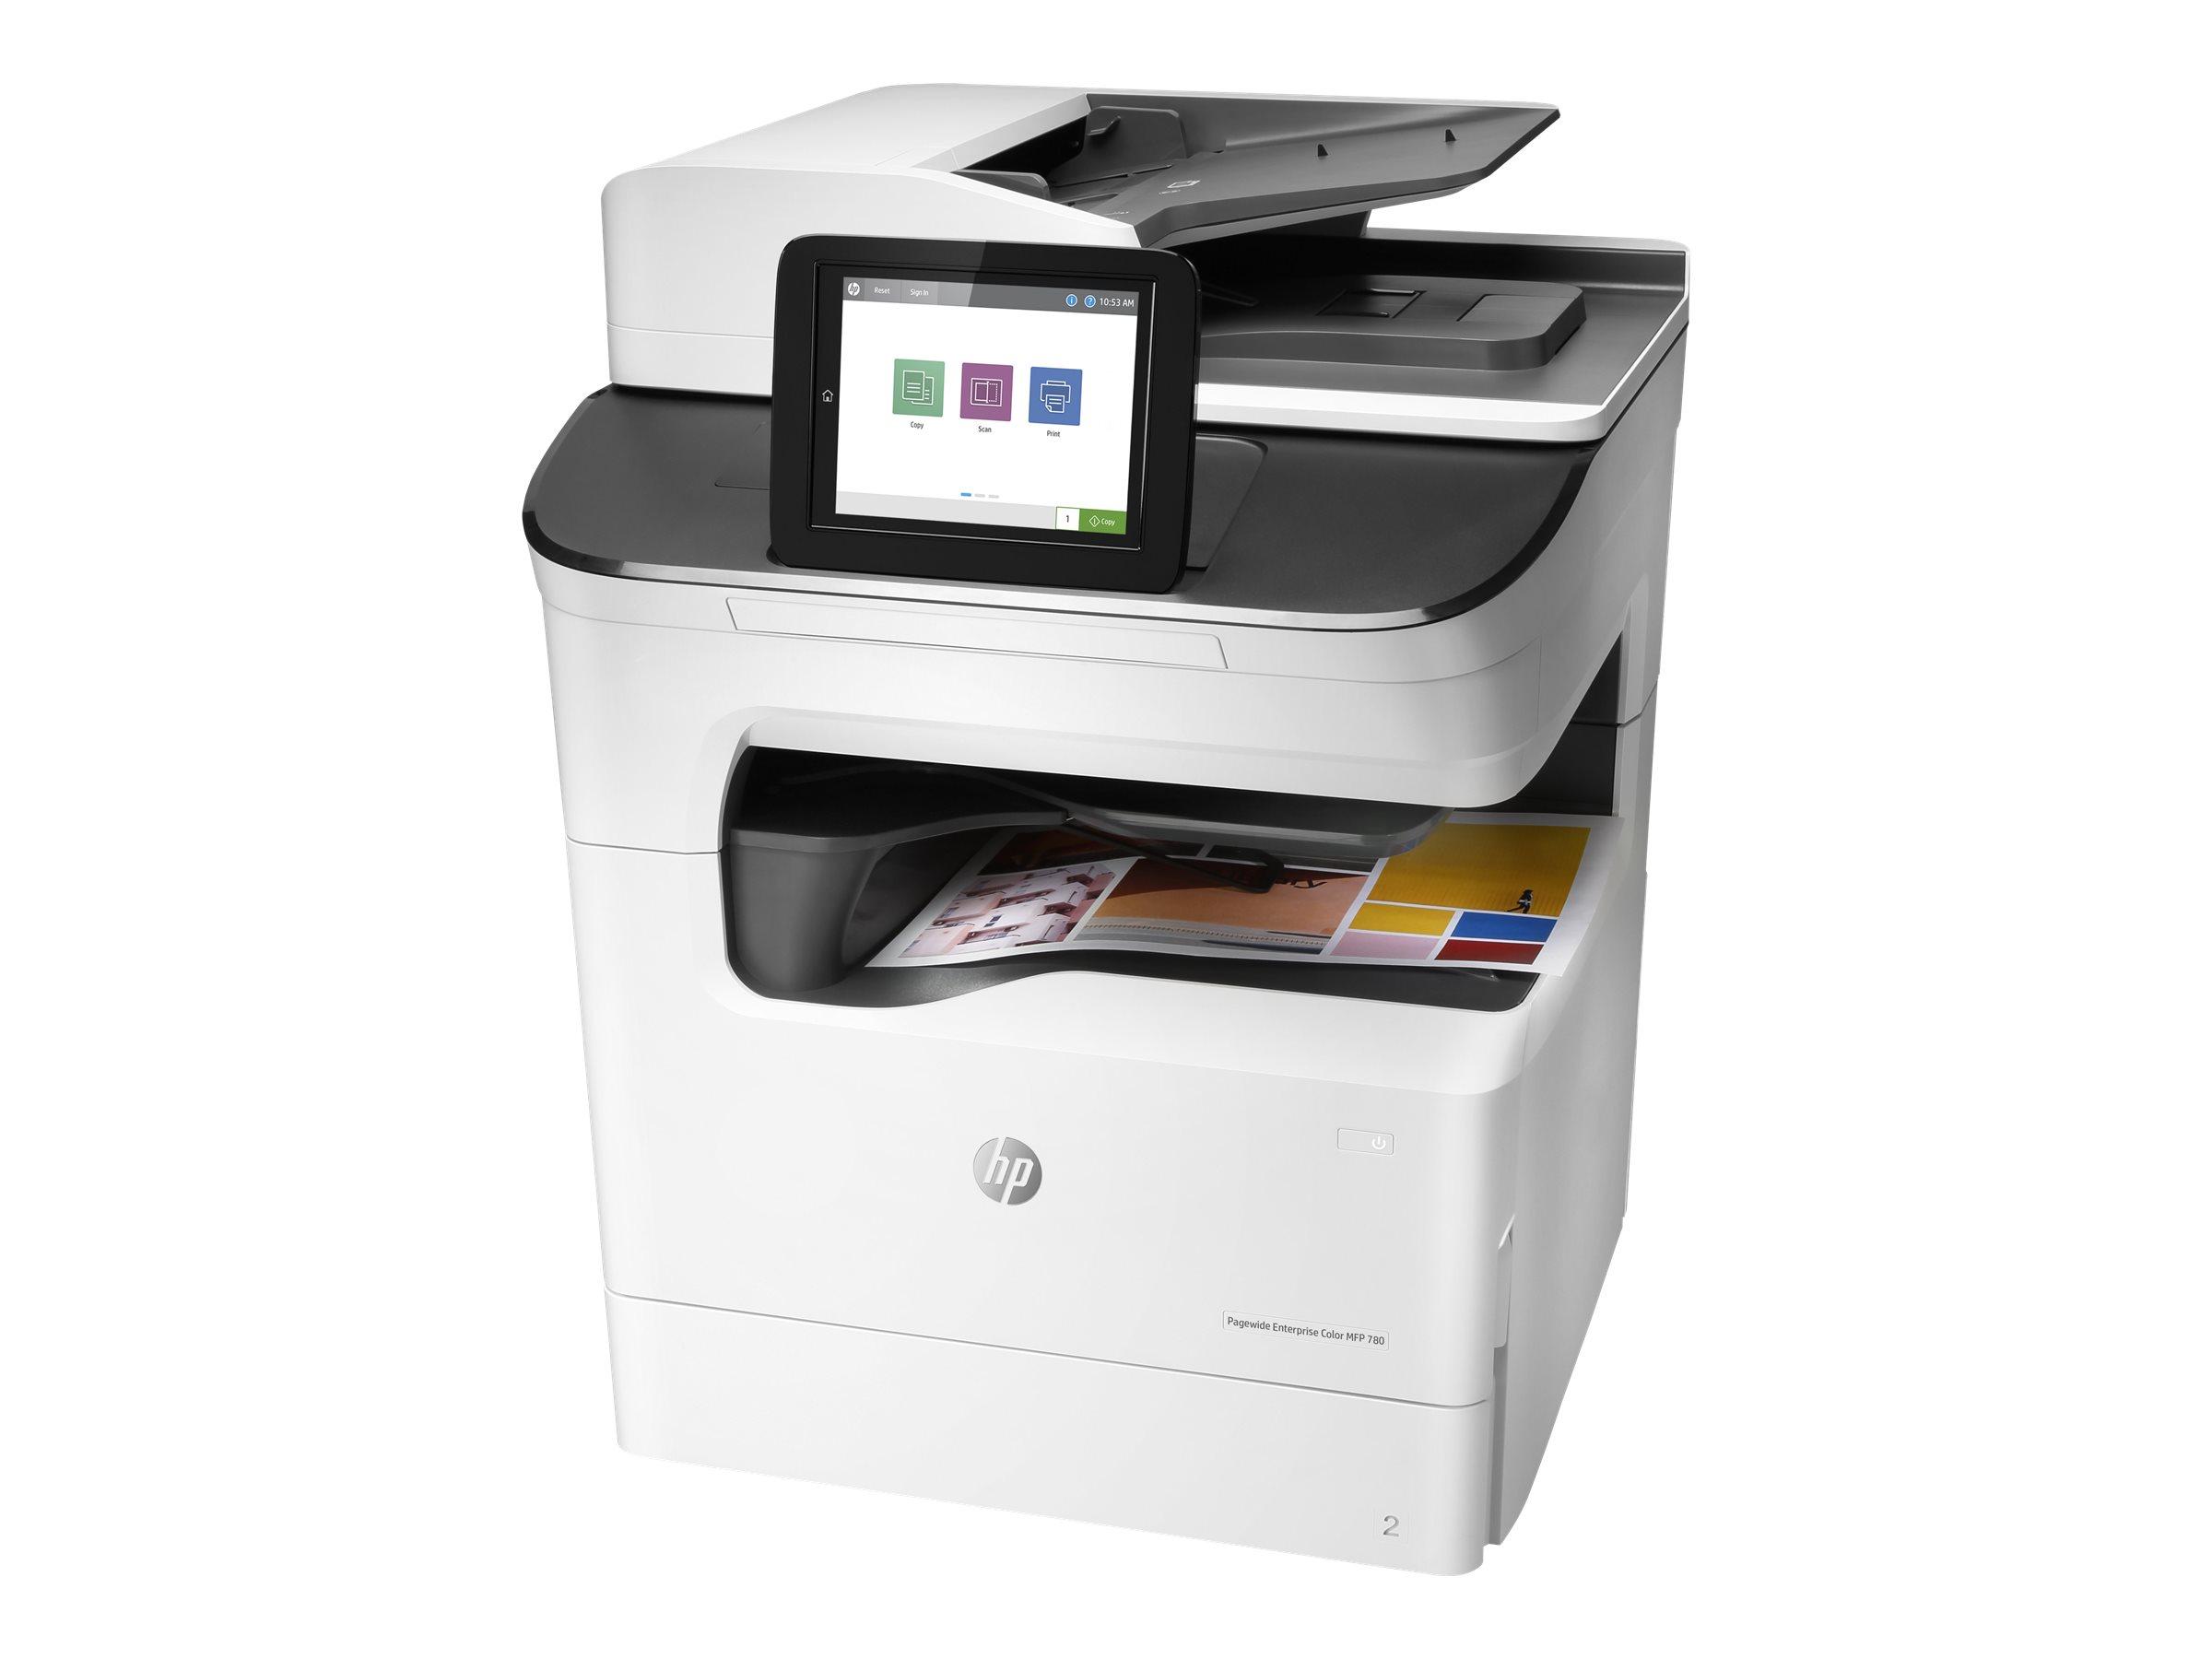 HP PageWide Enterprise Color MFP 780dns - Multifunktionsdrucker - Farbe - seitenbreite Palette - 297 x 432 mm (Original)